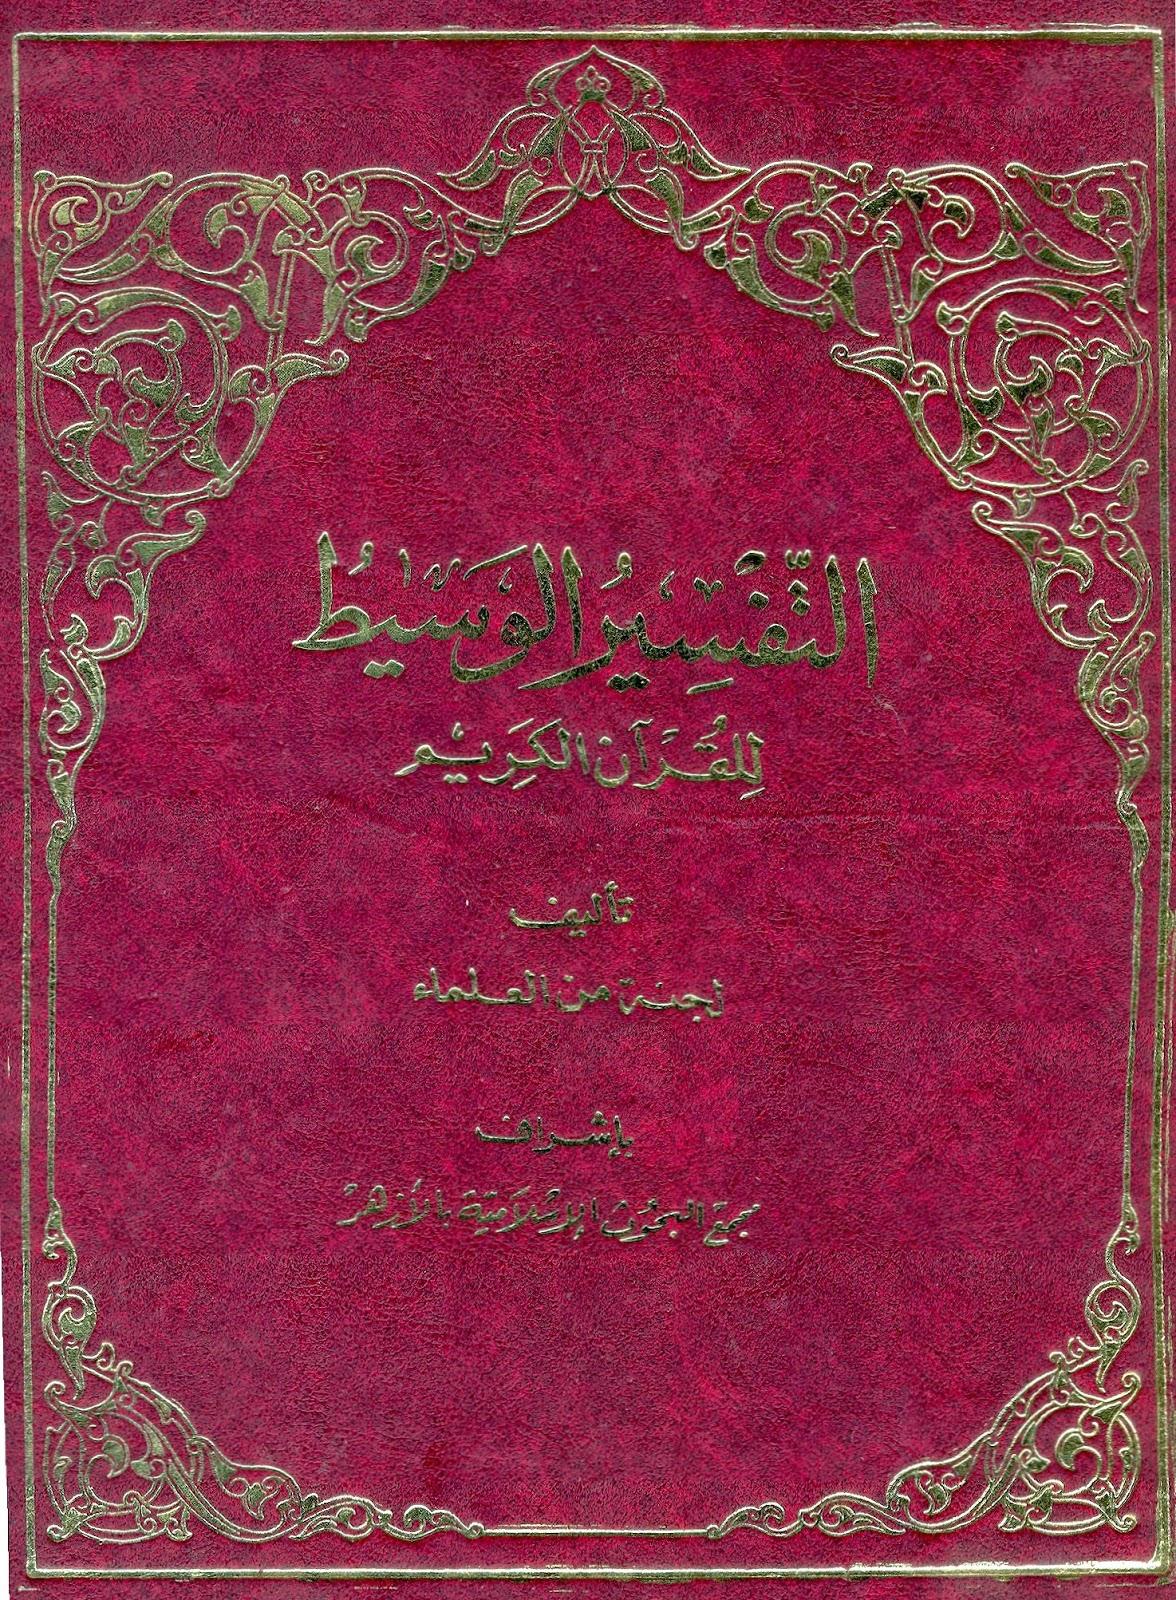 التفسير الوسيط للقرآن الكريم - مجمع البحوث الإسلامية بالأزهر pdf